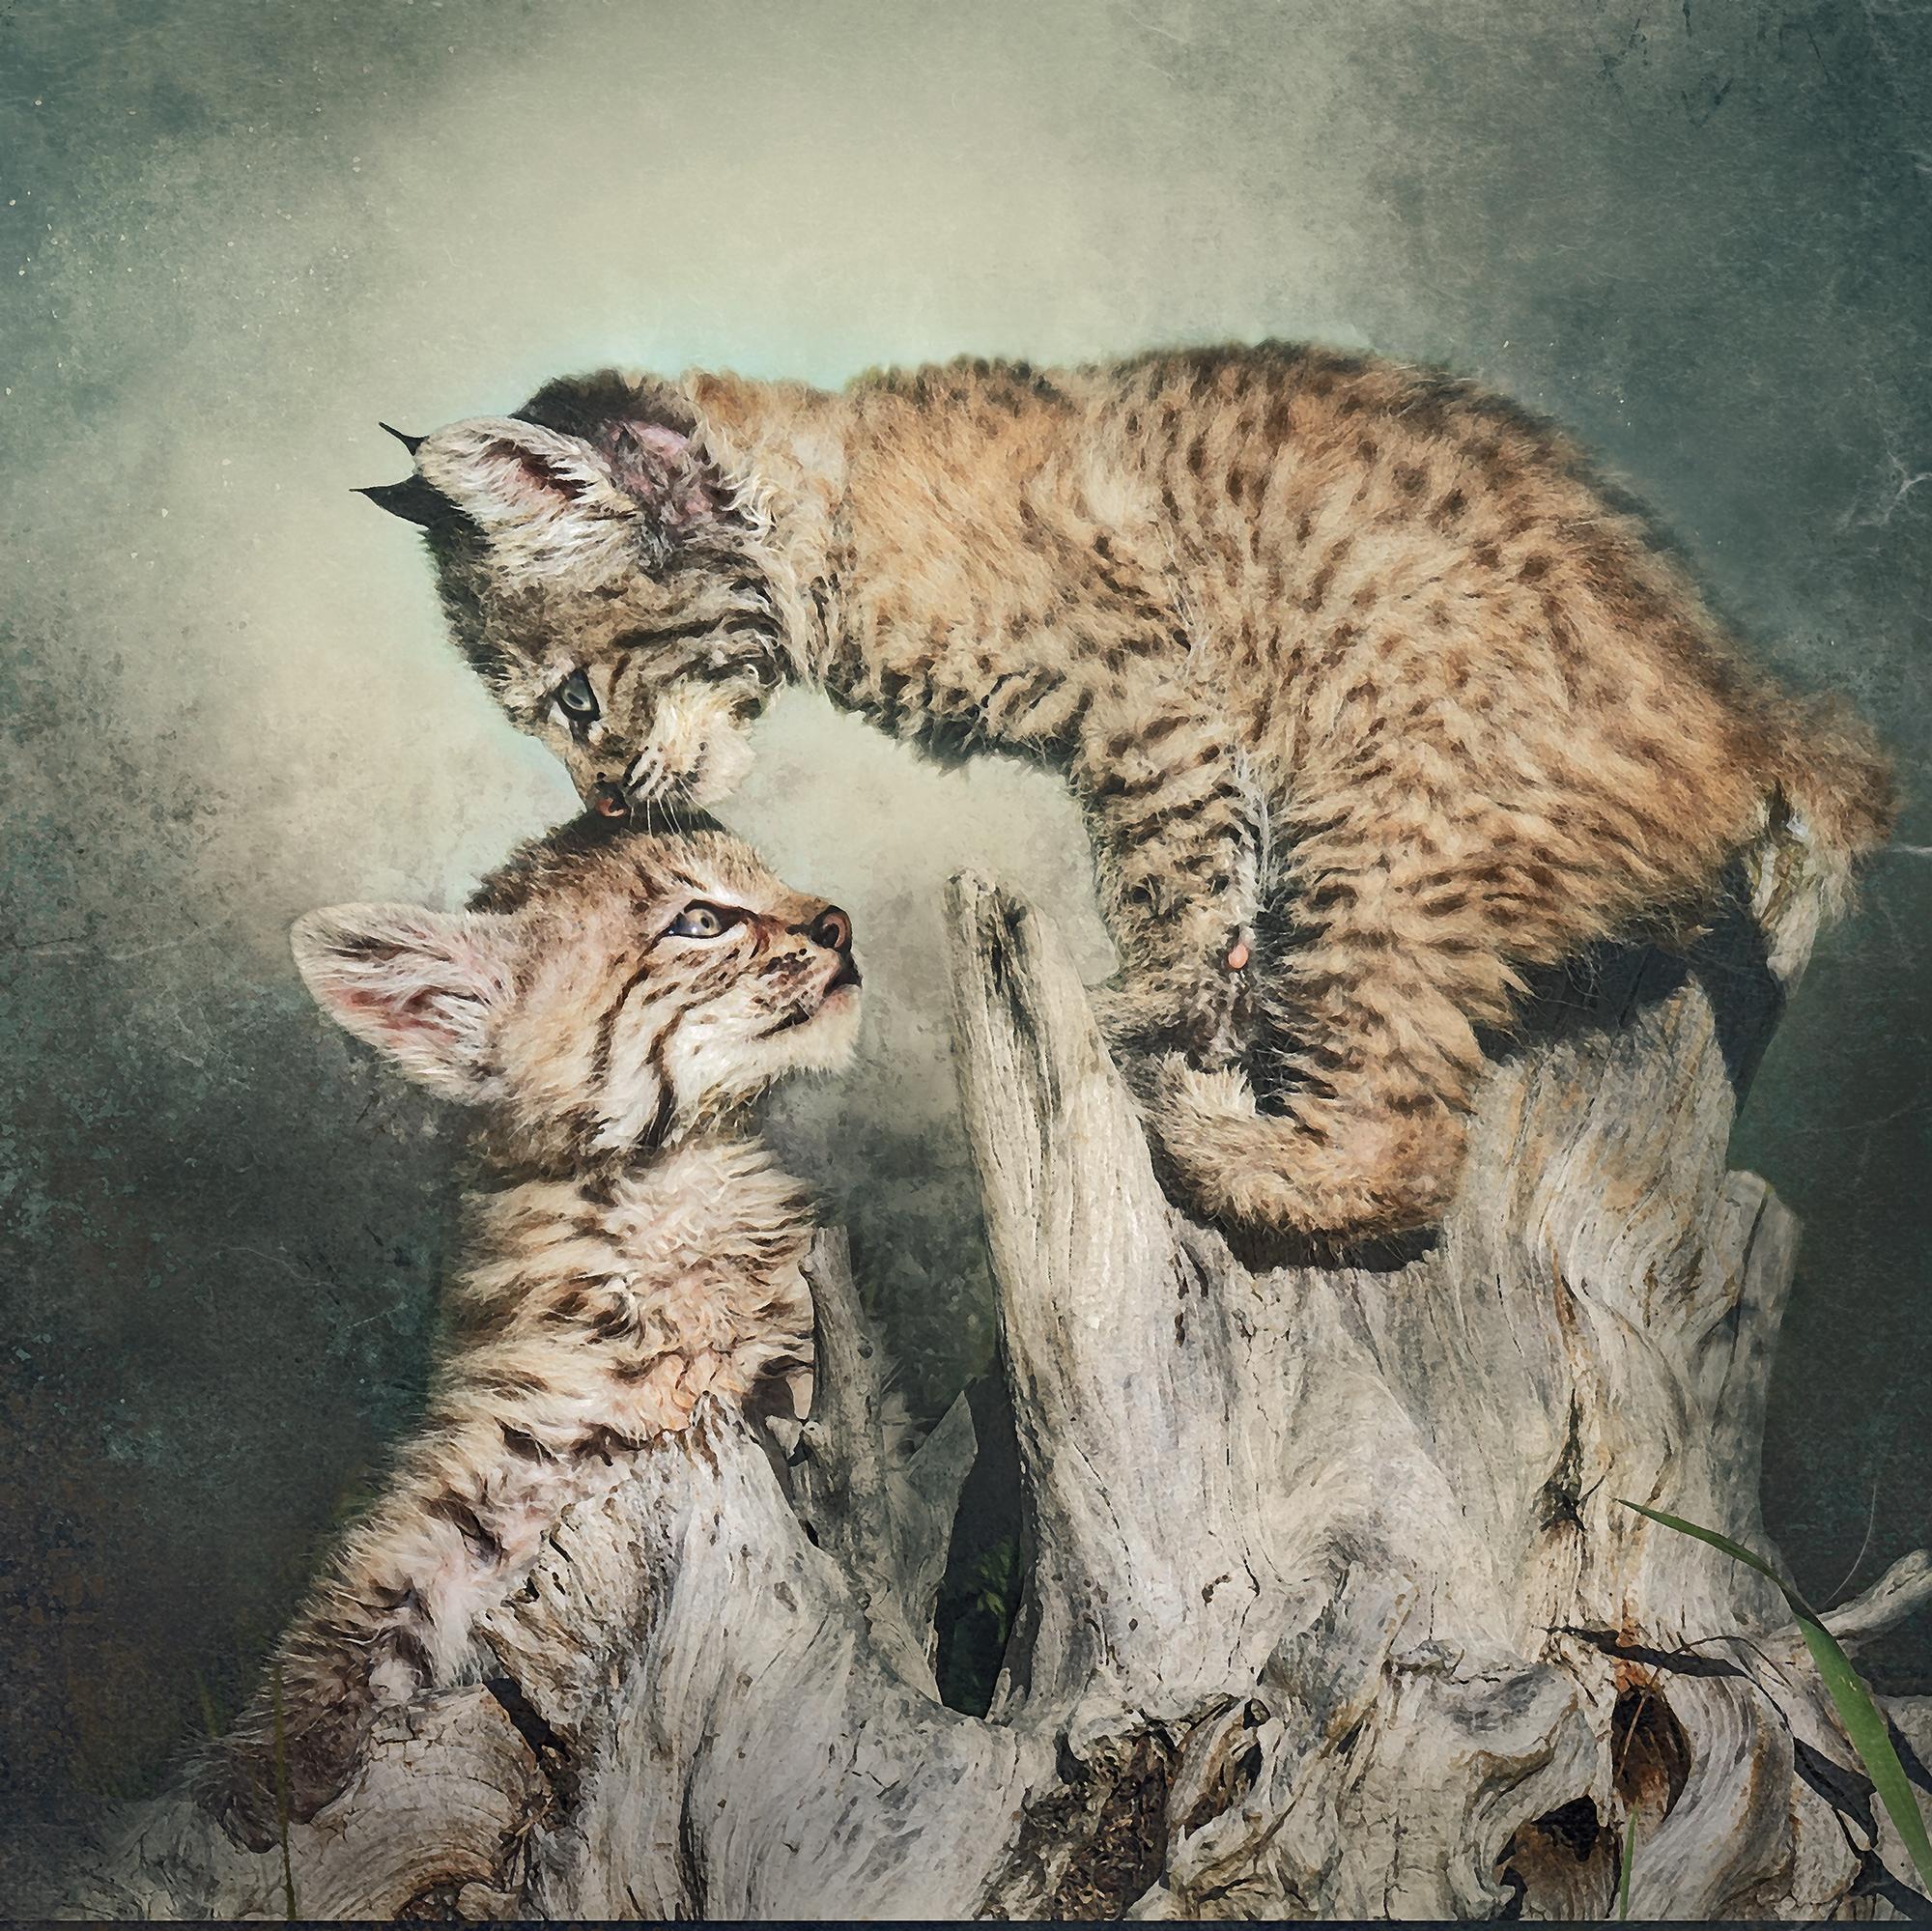 Bobcat Kittens Playing